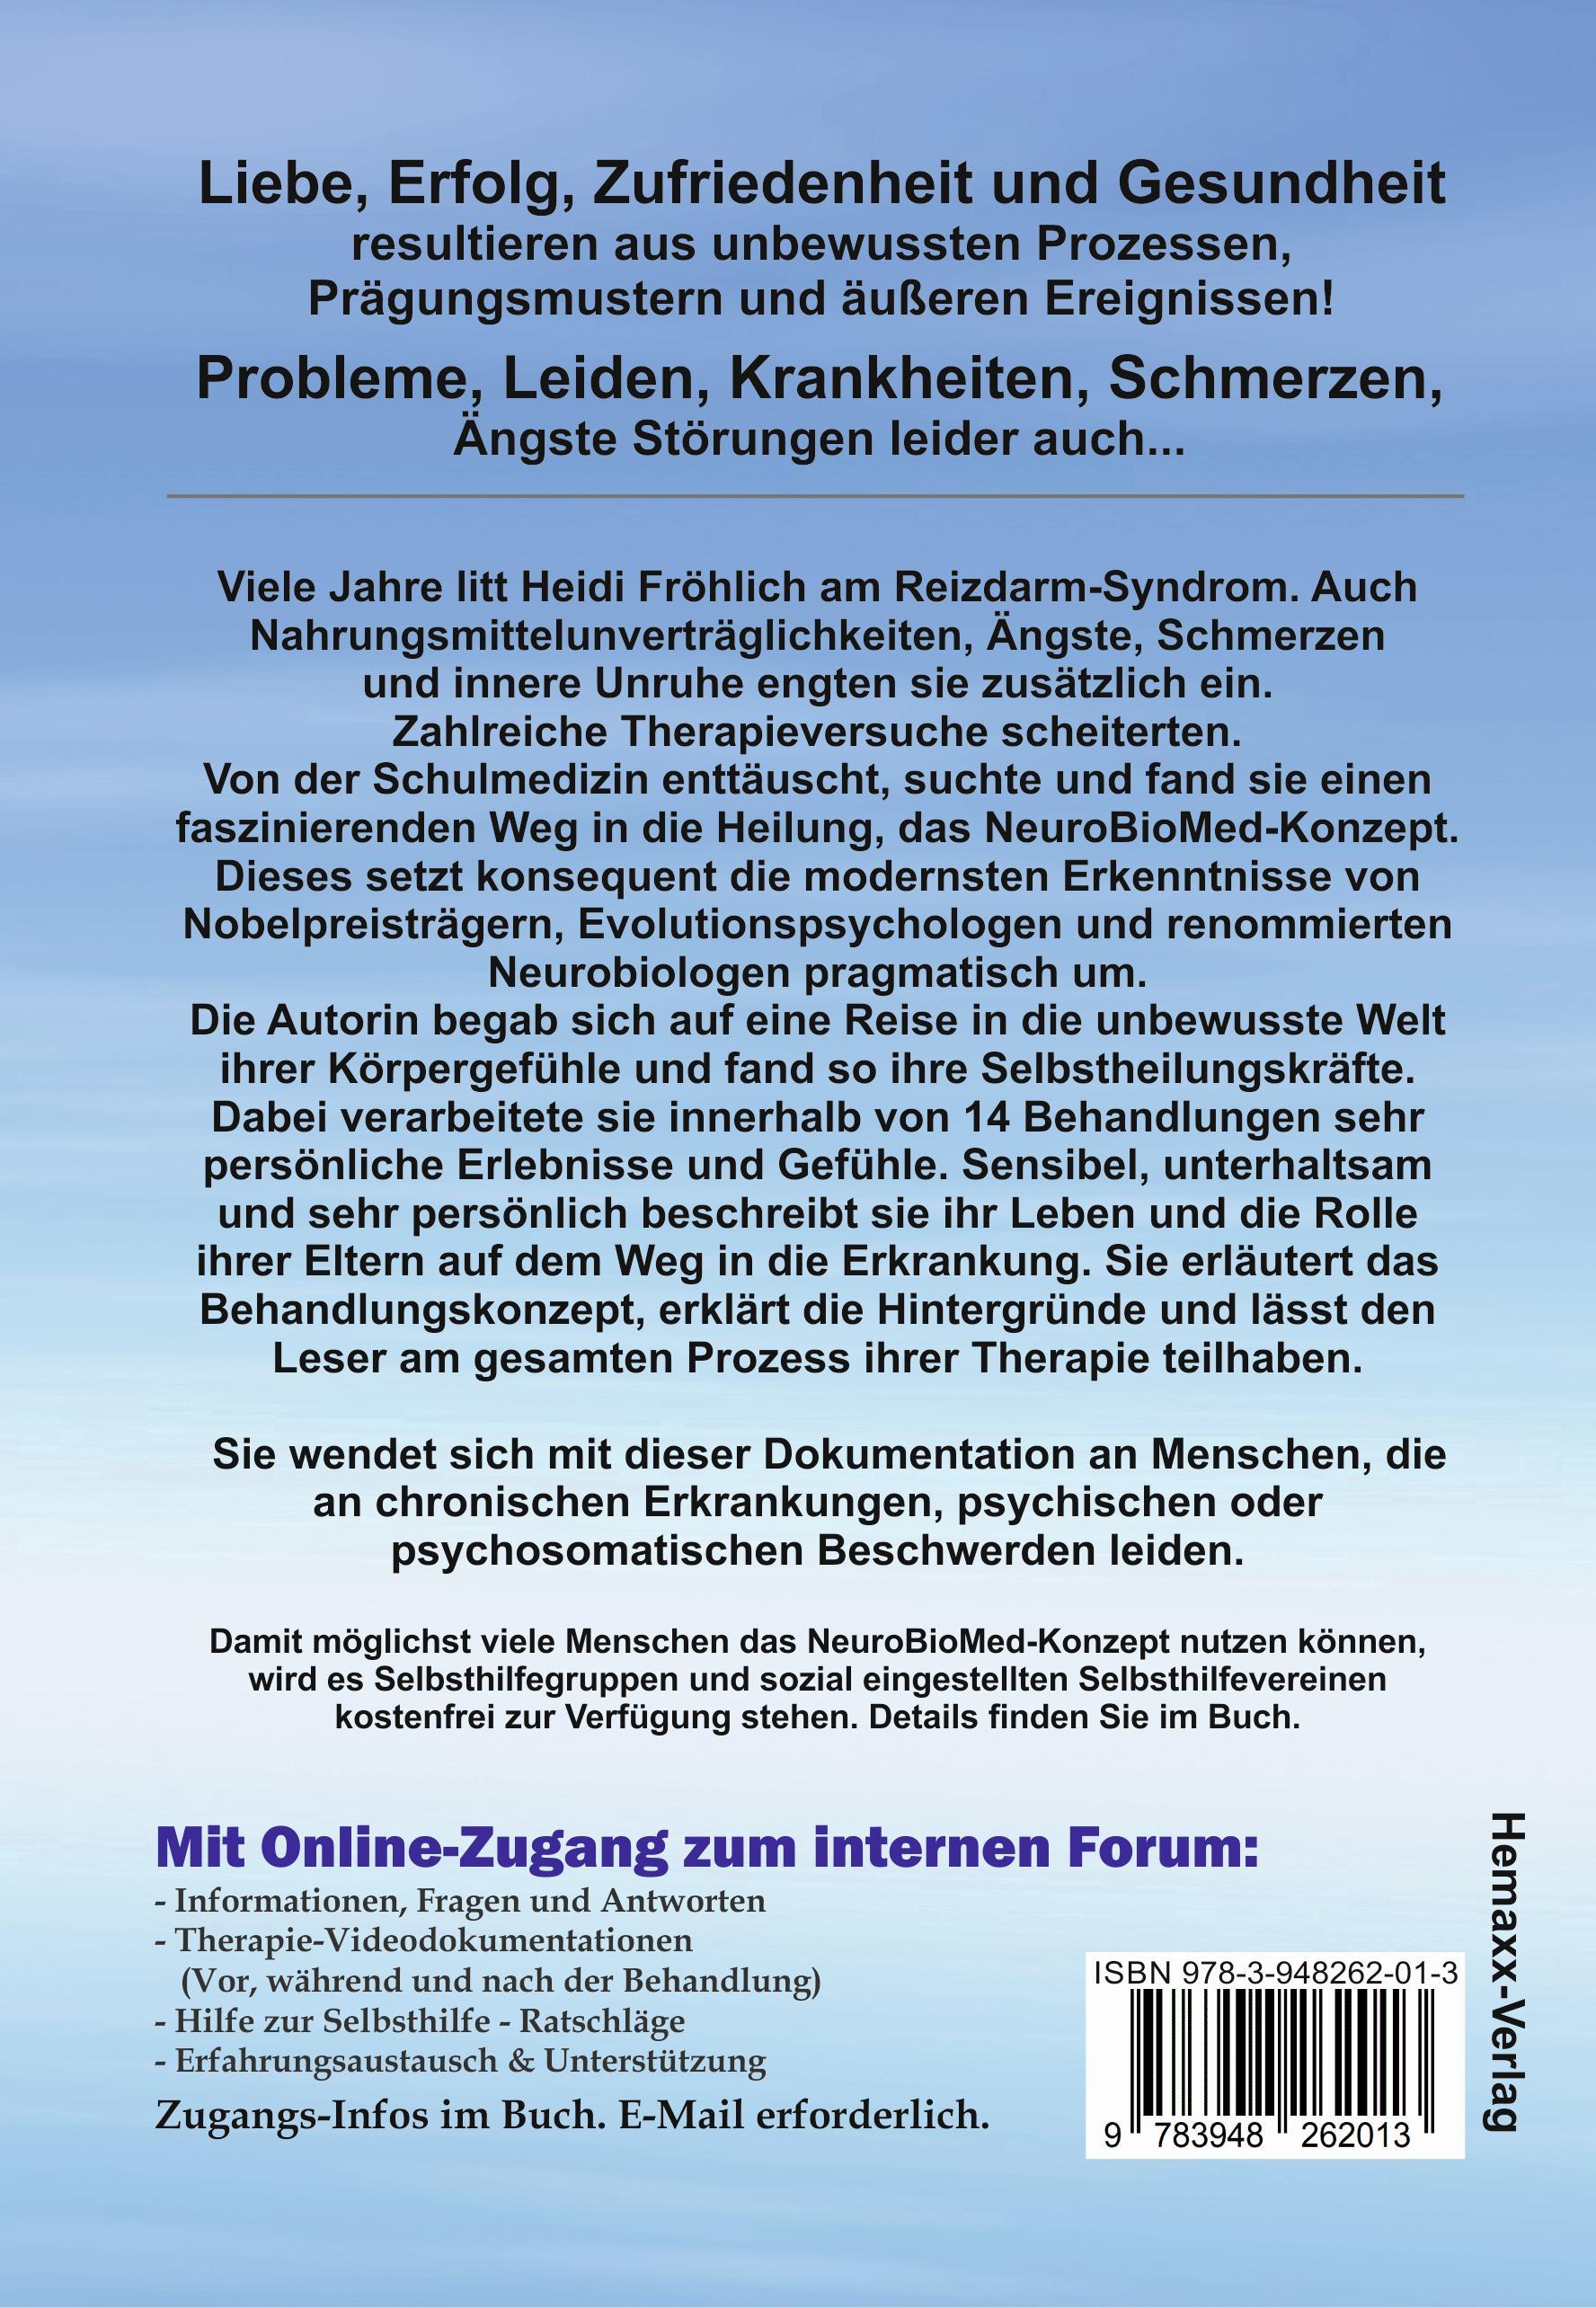 Reizdarm, Ängste und Schmerzen >4. Auflage als Taschenbuch<